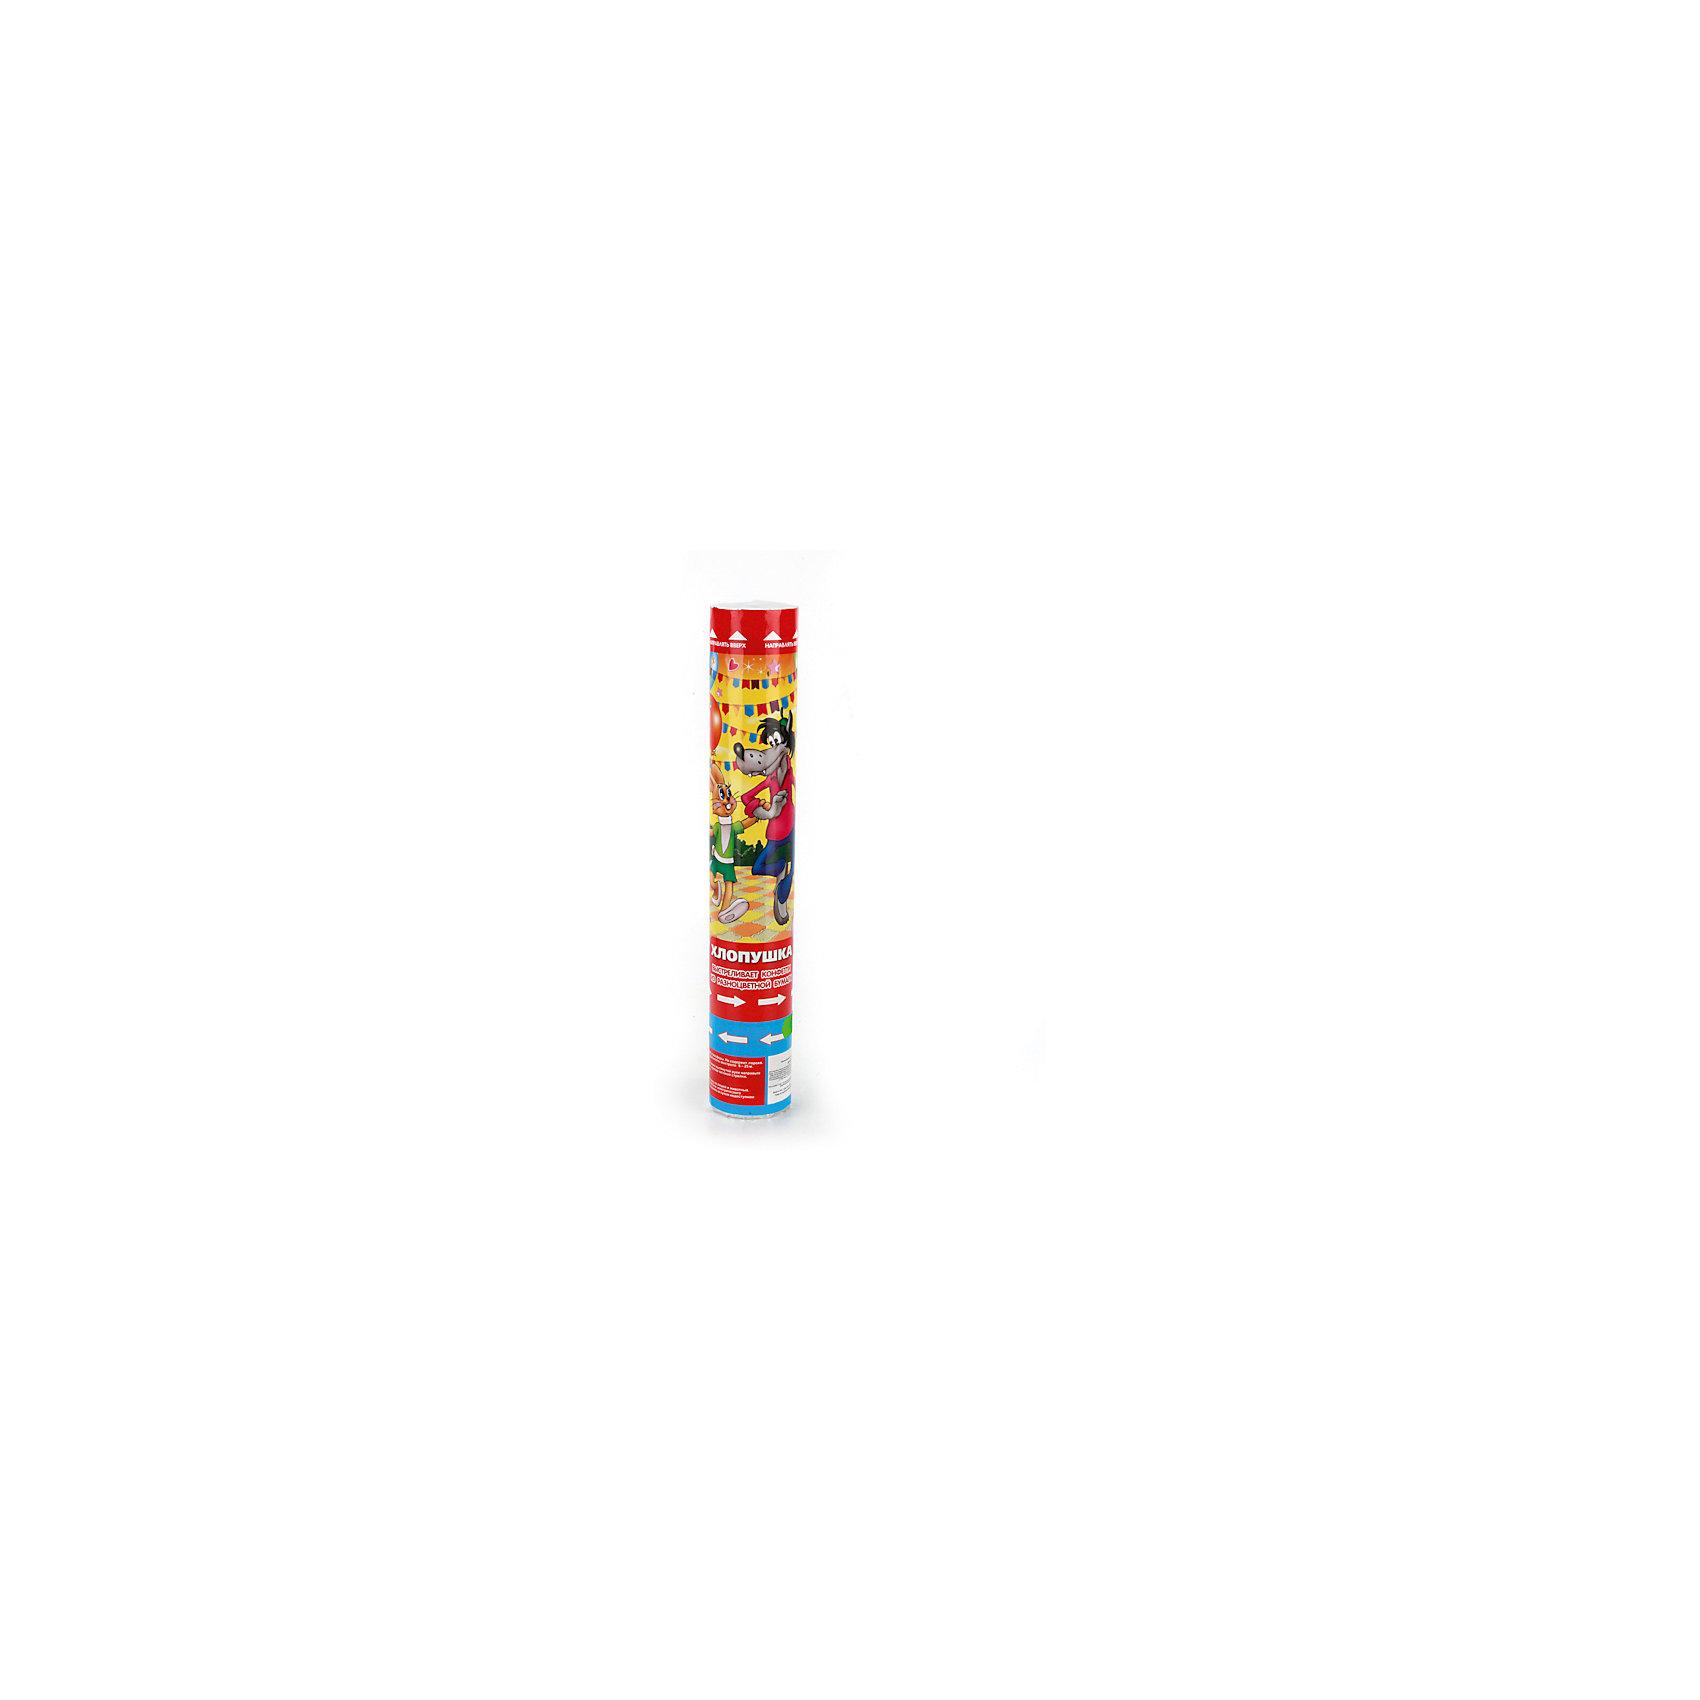 Пневмохлопушка Ну, погоди!, 30 смДетские хлопушки и бумфетти<br>Характеристики товара:<br><br>• материал: бумага, пластик<br>• размер упаковки: 30х5х5 см<br>• вес: 150 г<br>• комплектация:1 хлопушка<br>• упаковка: тубус<br>• страна бренда: РФ<br>• страна изготовитель: РФ<br><br>Такая хлопушка станет отличным сюрпризом для детей на праздник! Она отличается тем, что на ней изображены любимые мультяшные герои многих детей. Хлопушка поможет создать праздничное настроение, особенно - в компании детей. Она гораздо безопаснее, чем фейерверки и бенгальские огни. Хлопушка высотой 30 сантиметров выглядит внушительно и нарядно!<br>Хлопушка выпущена в удобном формате. Изделие производится из качественных и проверенных материалов, которые безопасны для детей.<br><br>Пневмохлопушку Ну, погоди!, 30 см, от российского бренда Веселый праздник можно купить в нашем интернет-магазине.<br><br>Ширина мм: 50<br>Глубина мм: 50<br>Высота мм: 300<br>Вес г: 150<br>Возраст от месяцев: 36<br>Возраст до месяцев: 72<br>Пол: Унисекс<br>Возраст: Детский<br>SKU: 5196964